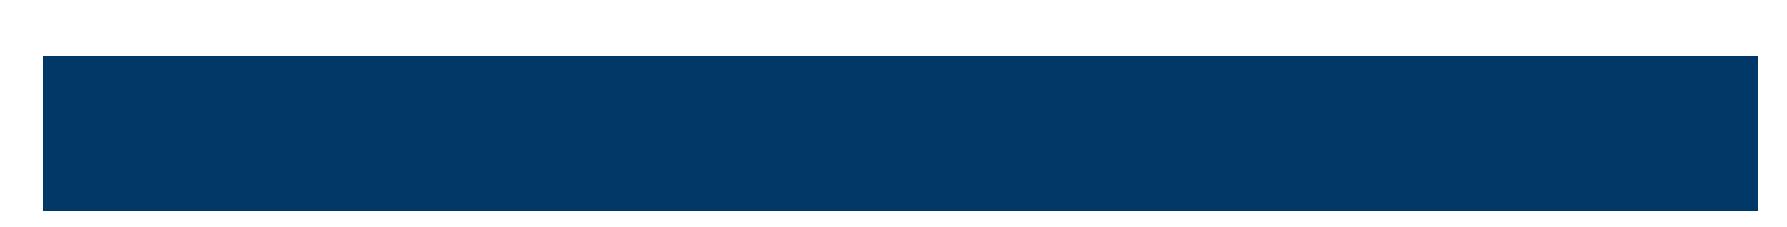 Oxnard Holistics logo